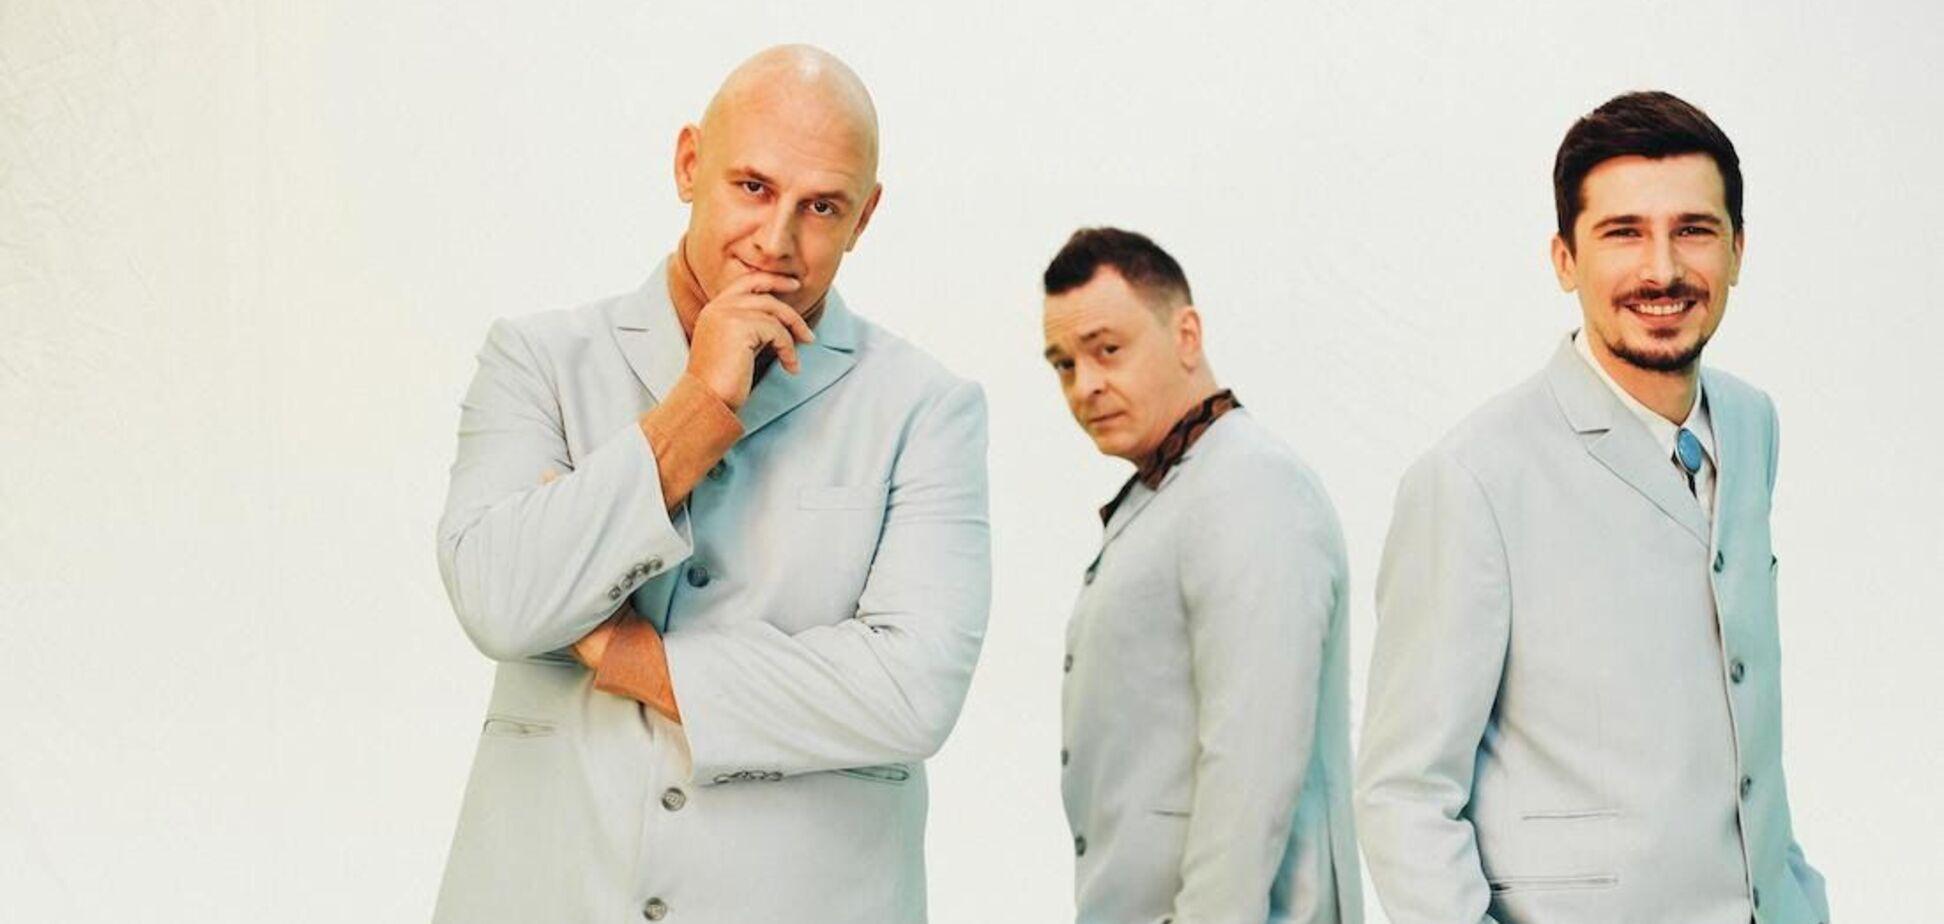 Гурт MOZGI присвятив Києву новий альбом KYIVSTYLE: де слухати онлайн